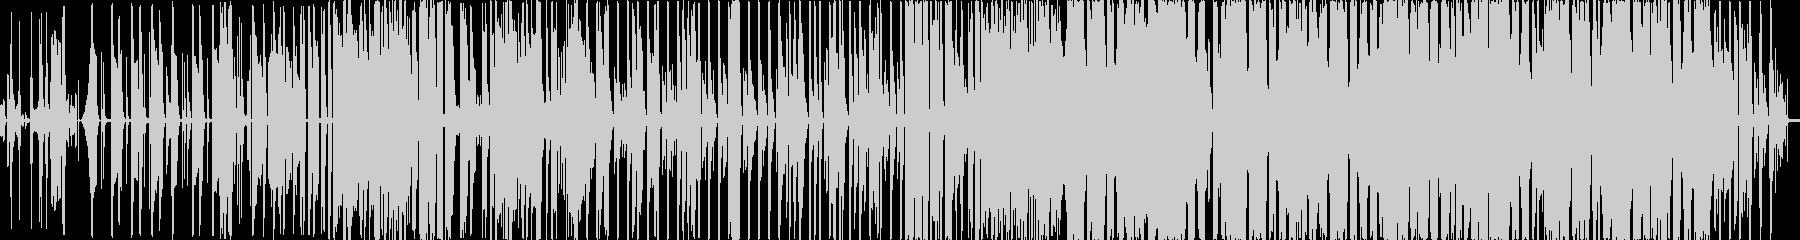 可愛いエレクトロポップの未再生の波形